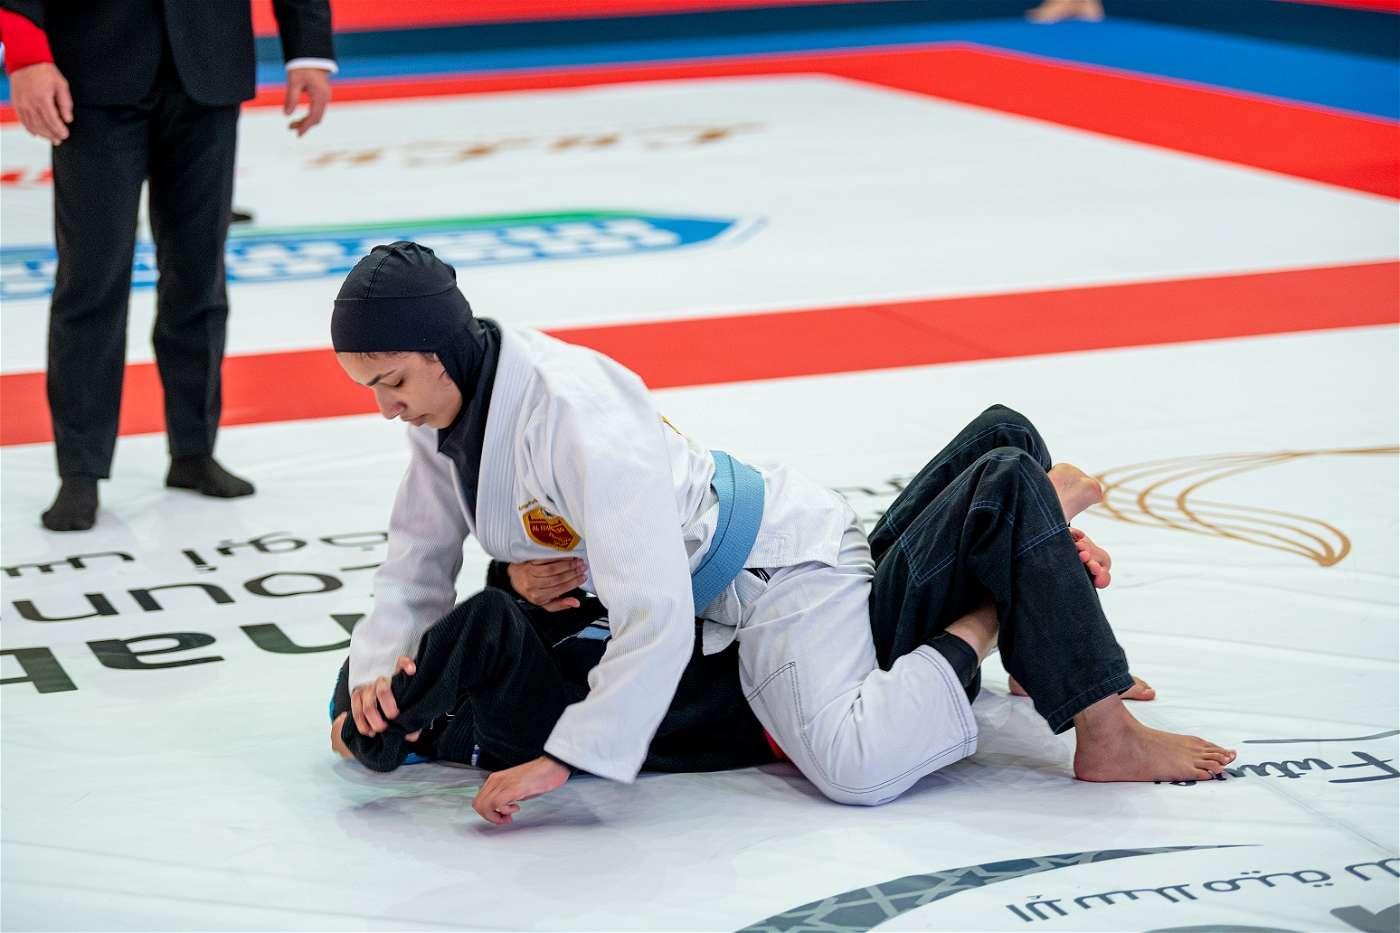 أبوظبي تستضيف أبرز بطولات الجوجيتسو العالمية في نوفمبر المقبل